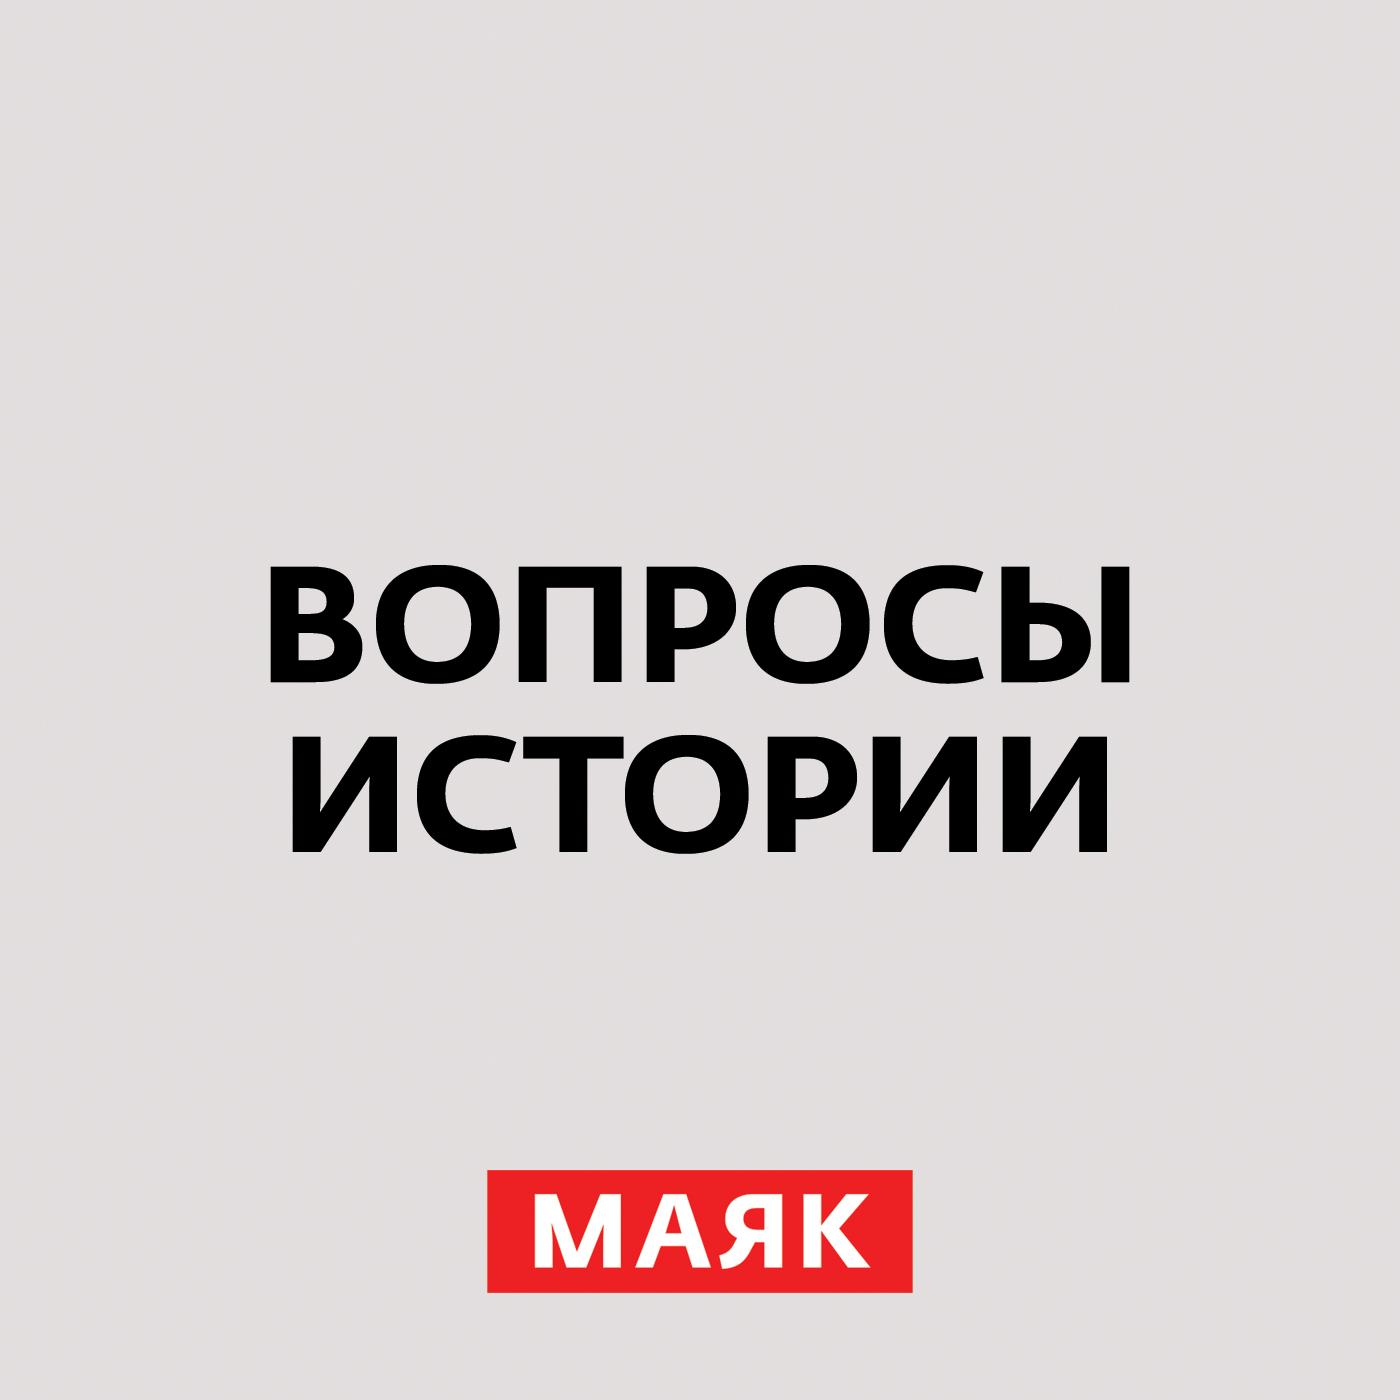 Андрей Светенко Библиотека превратилась в убежище для социопатов андрей светенко балканы – пороховая бочка европы